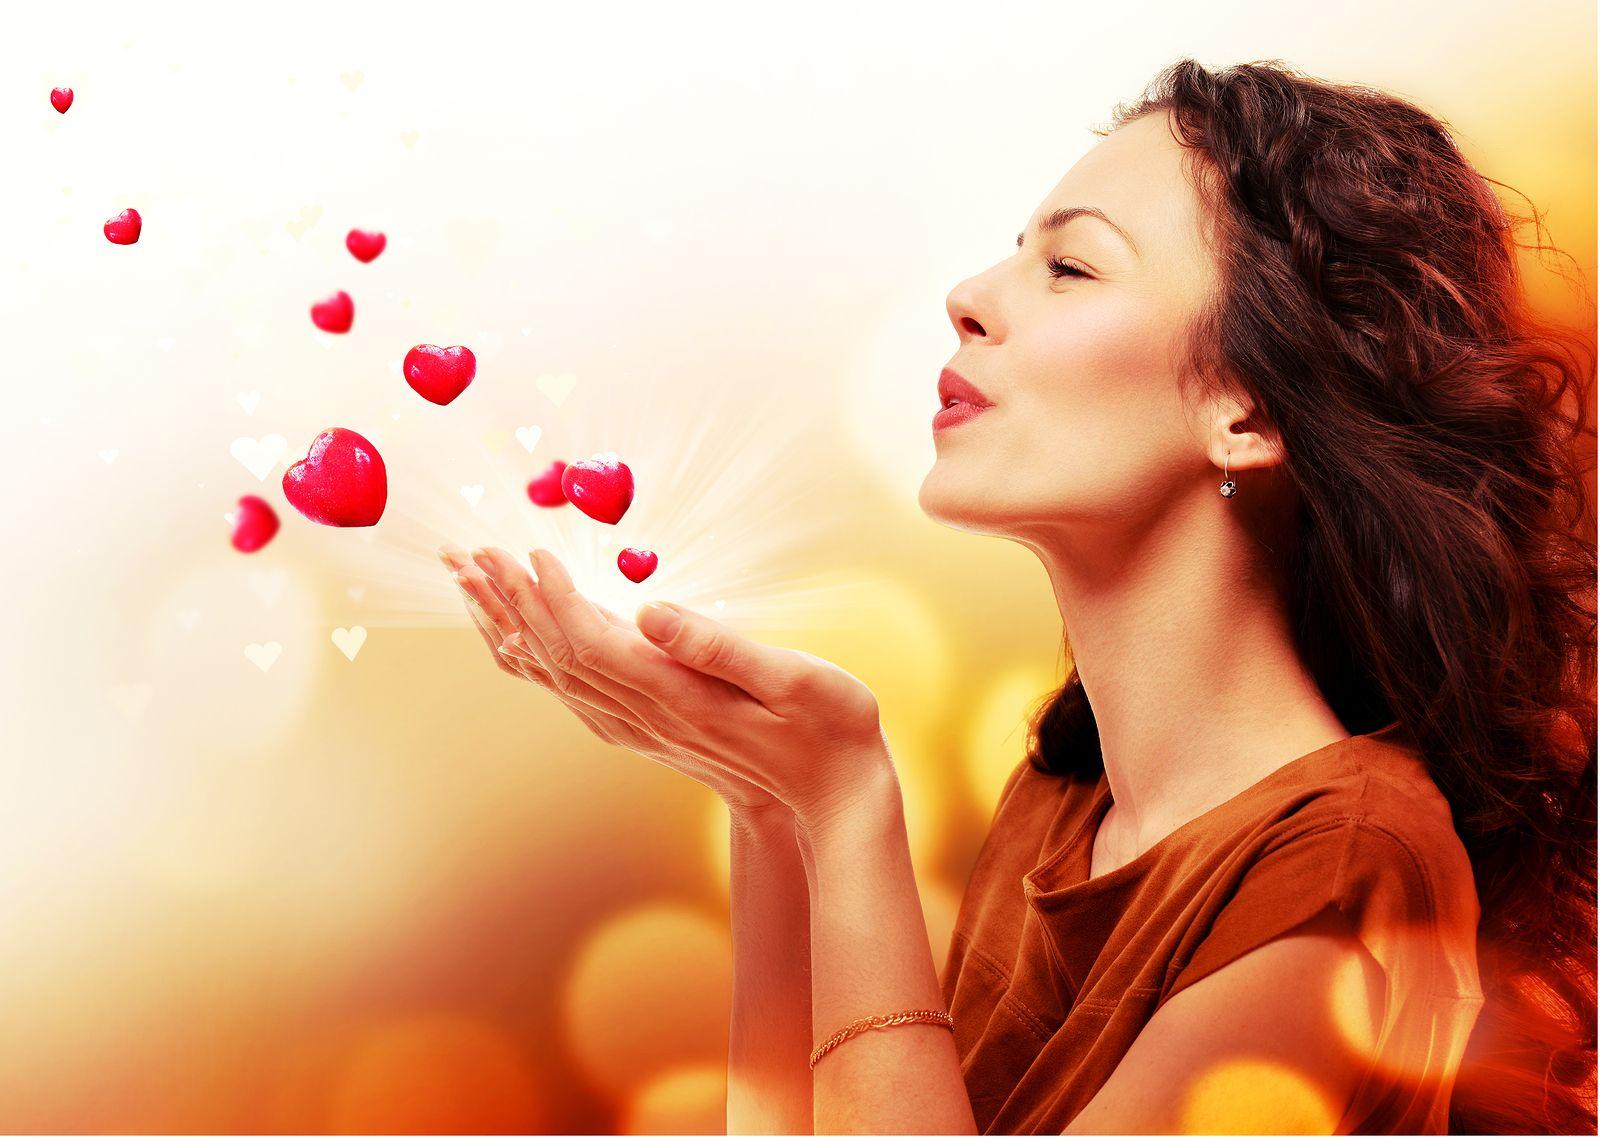 صوره حظك اليوم في الحب , علم الابراج وحظك فى الحب